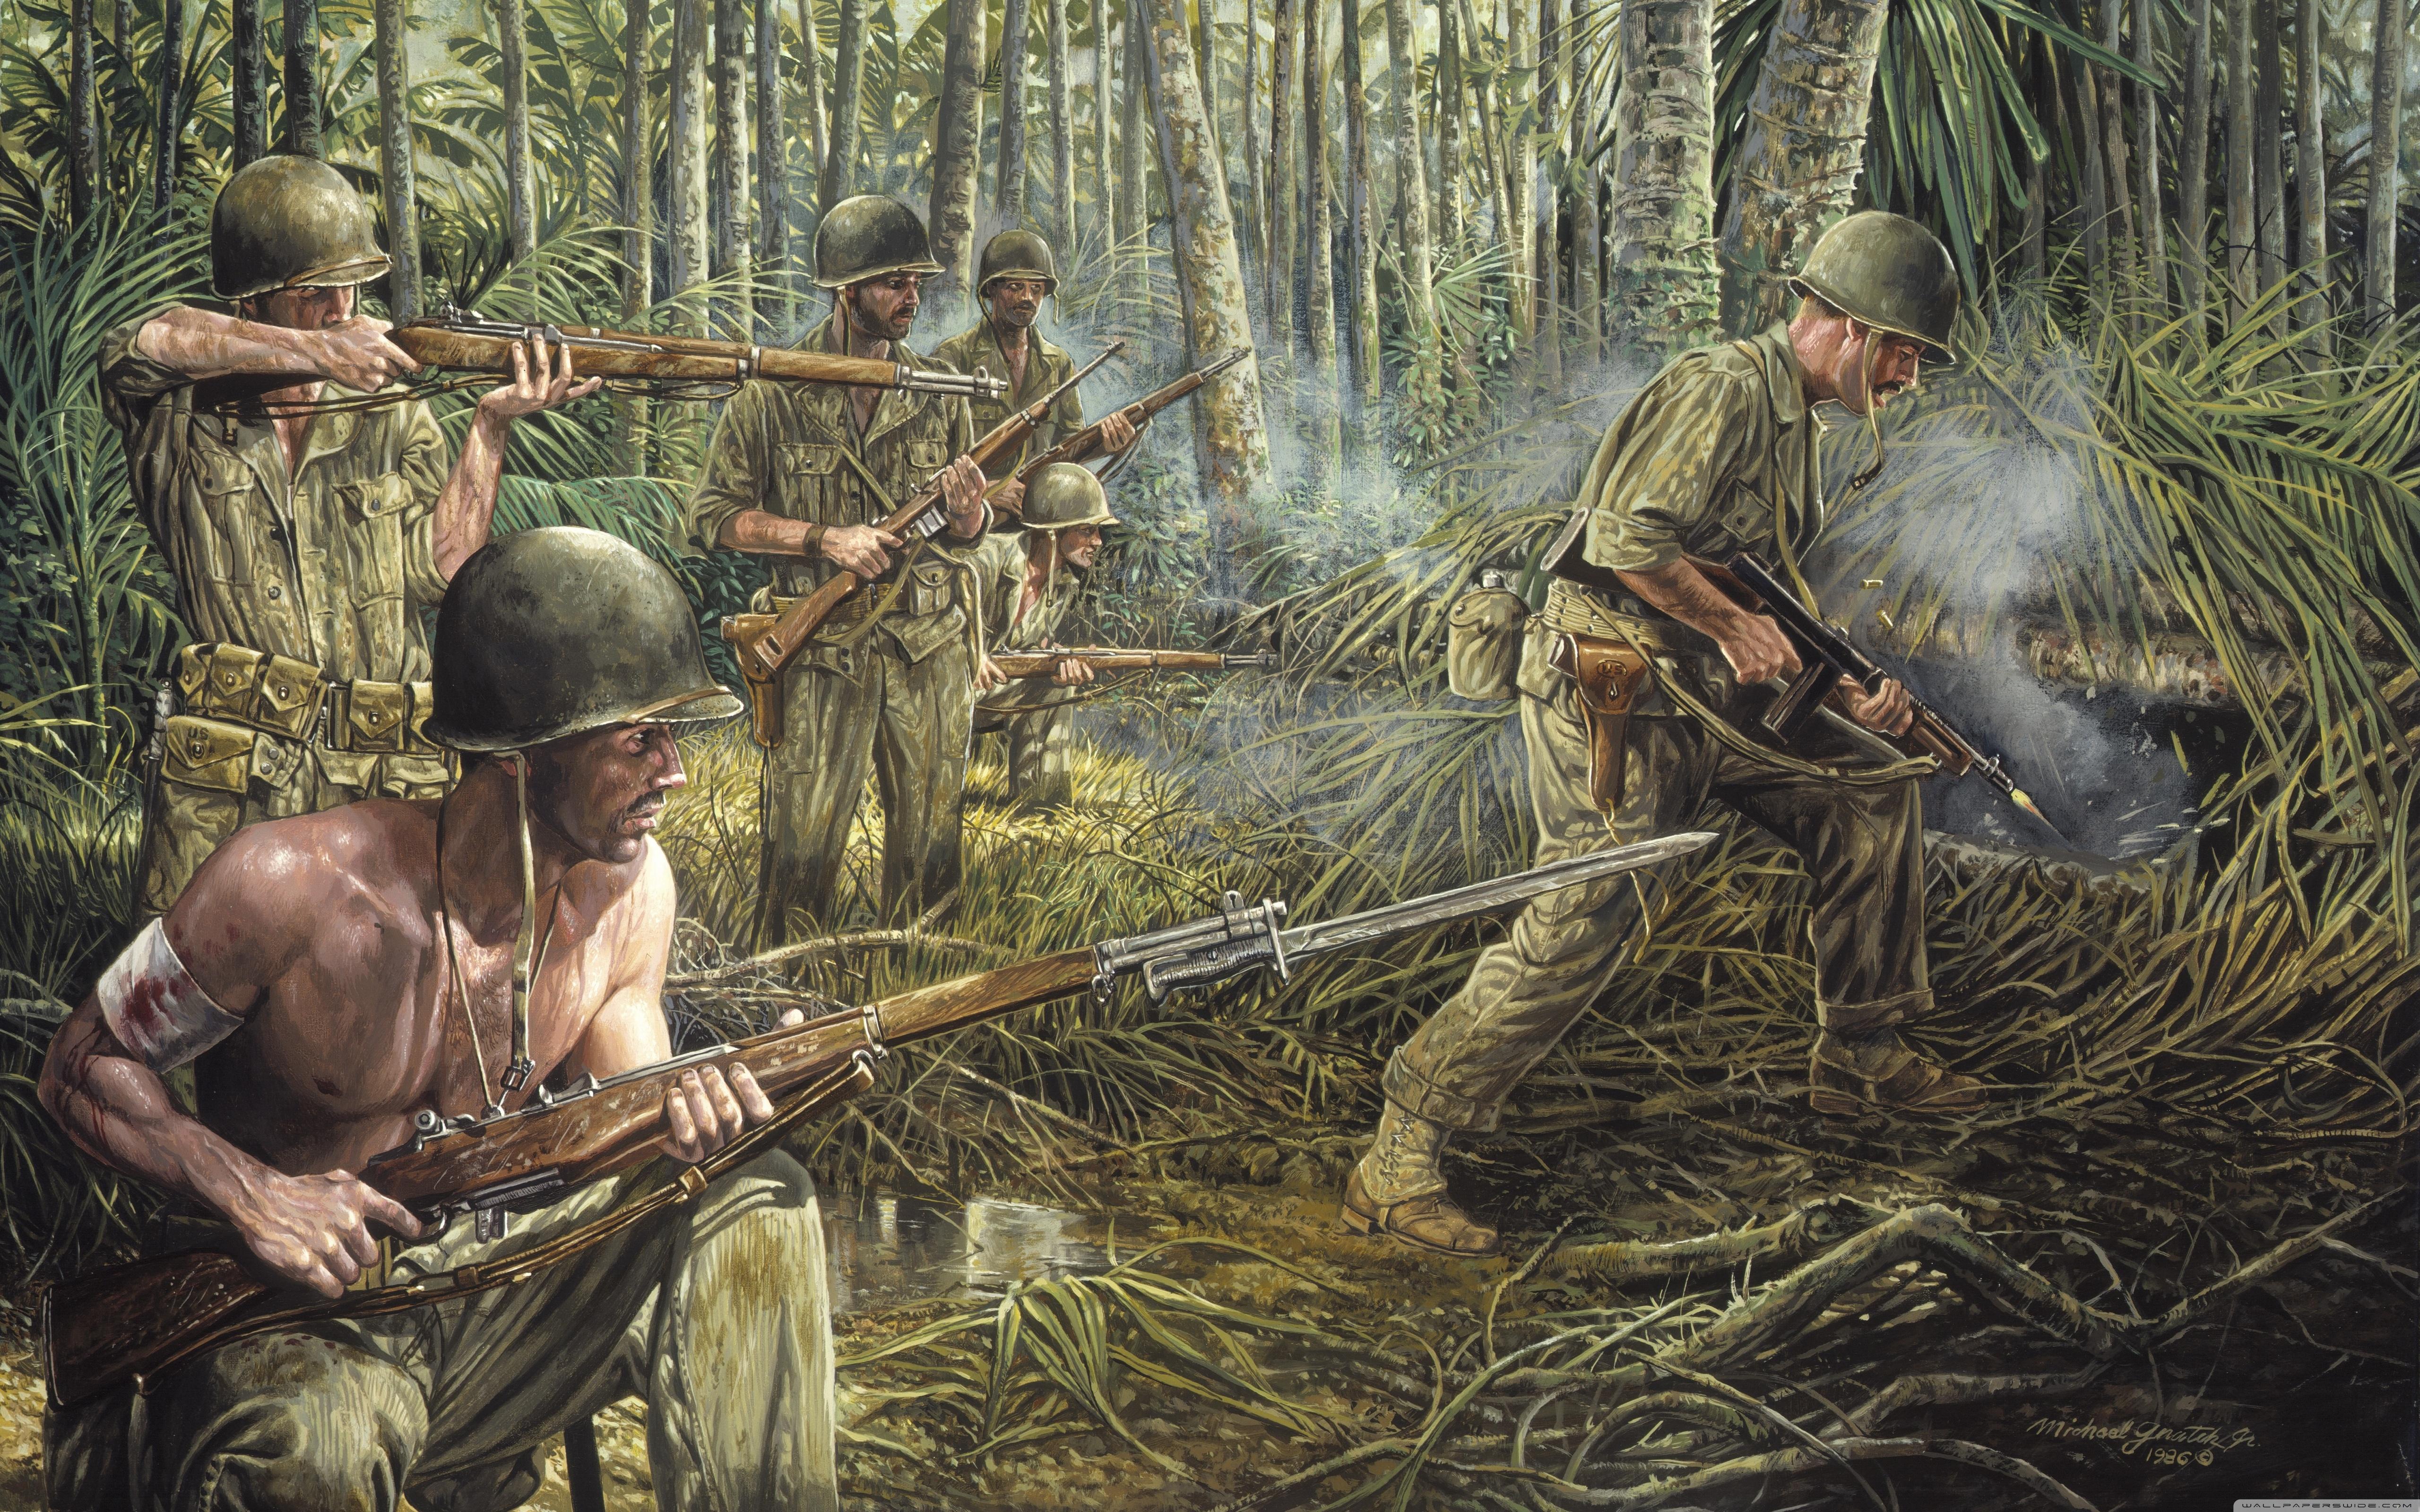 Vietnam War Wallpapers B8GN7X6 5120x3200   4USkY 5120x3200